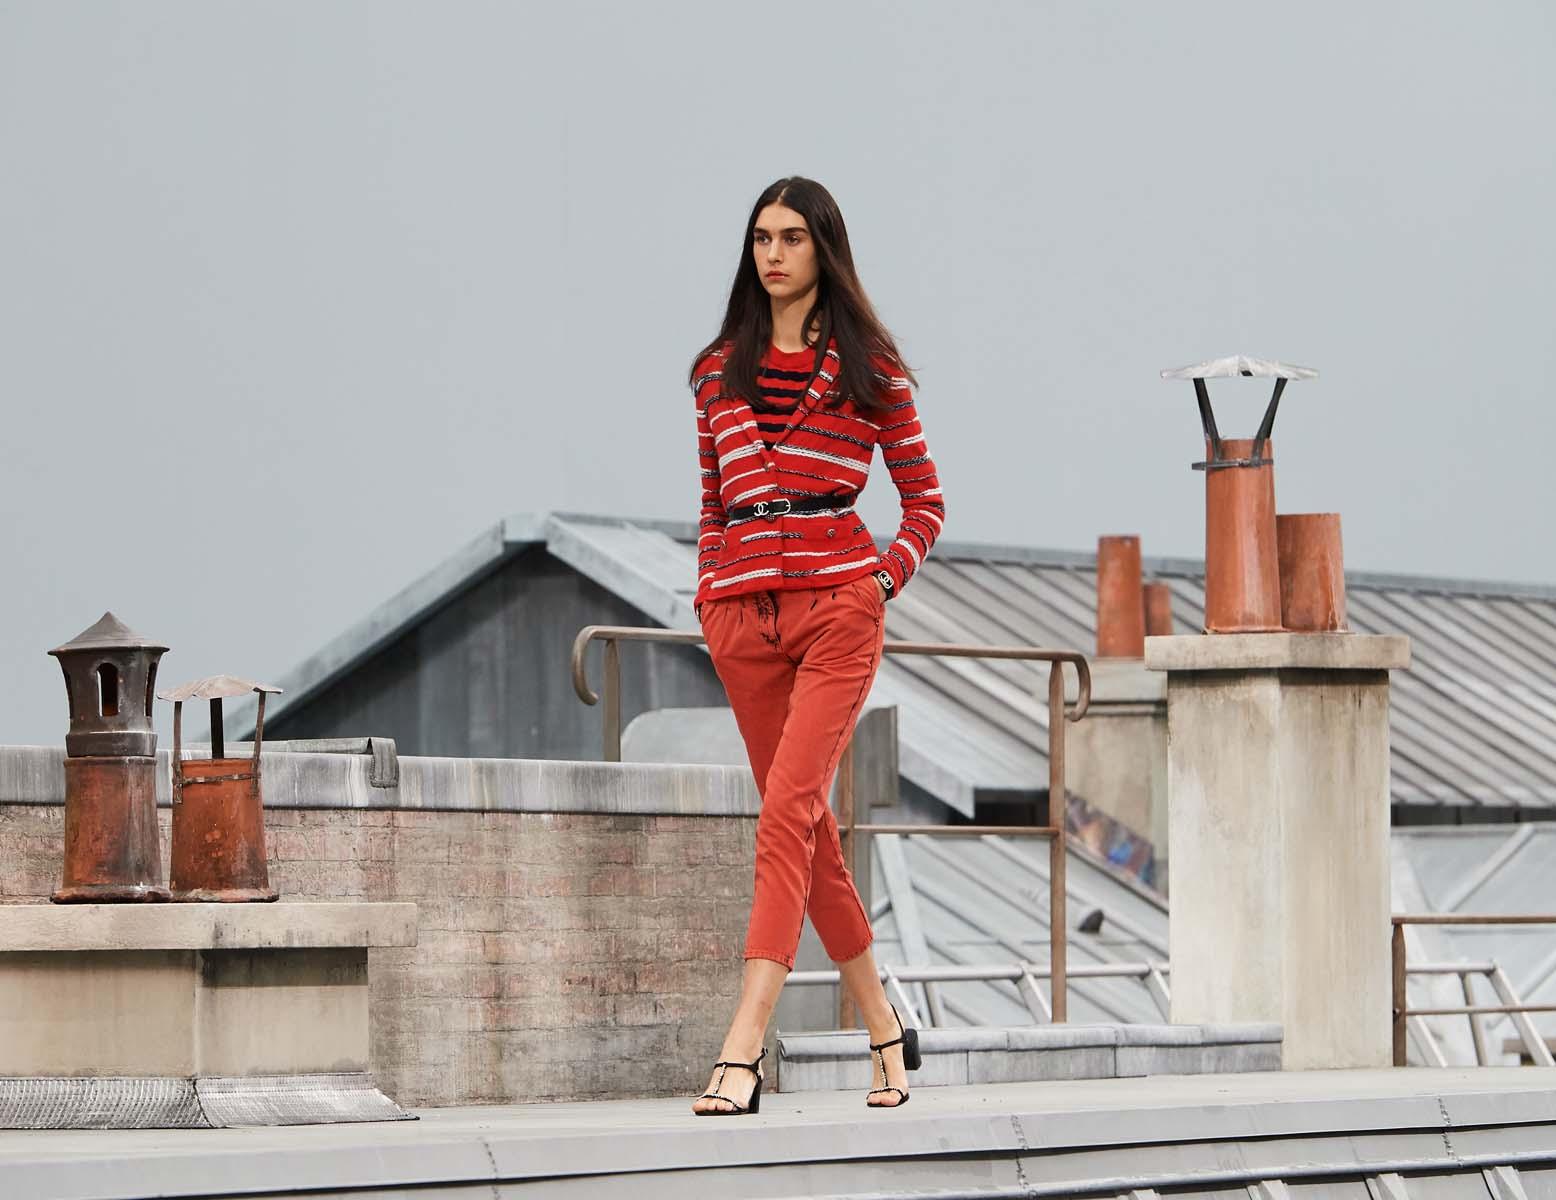 áo kẻ ngang và quần lửng màu đỏ chanel xuân hè 2020